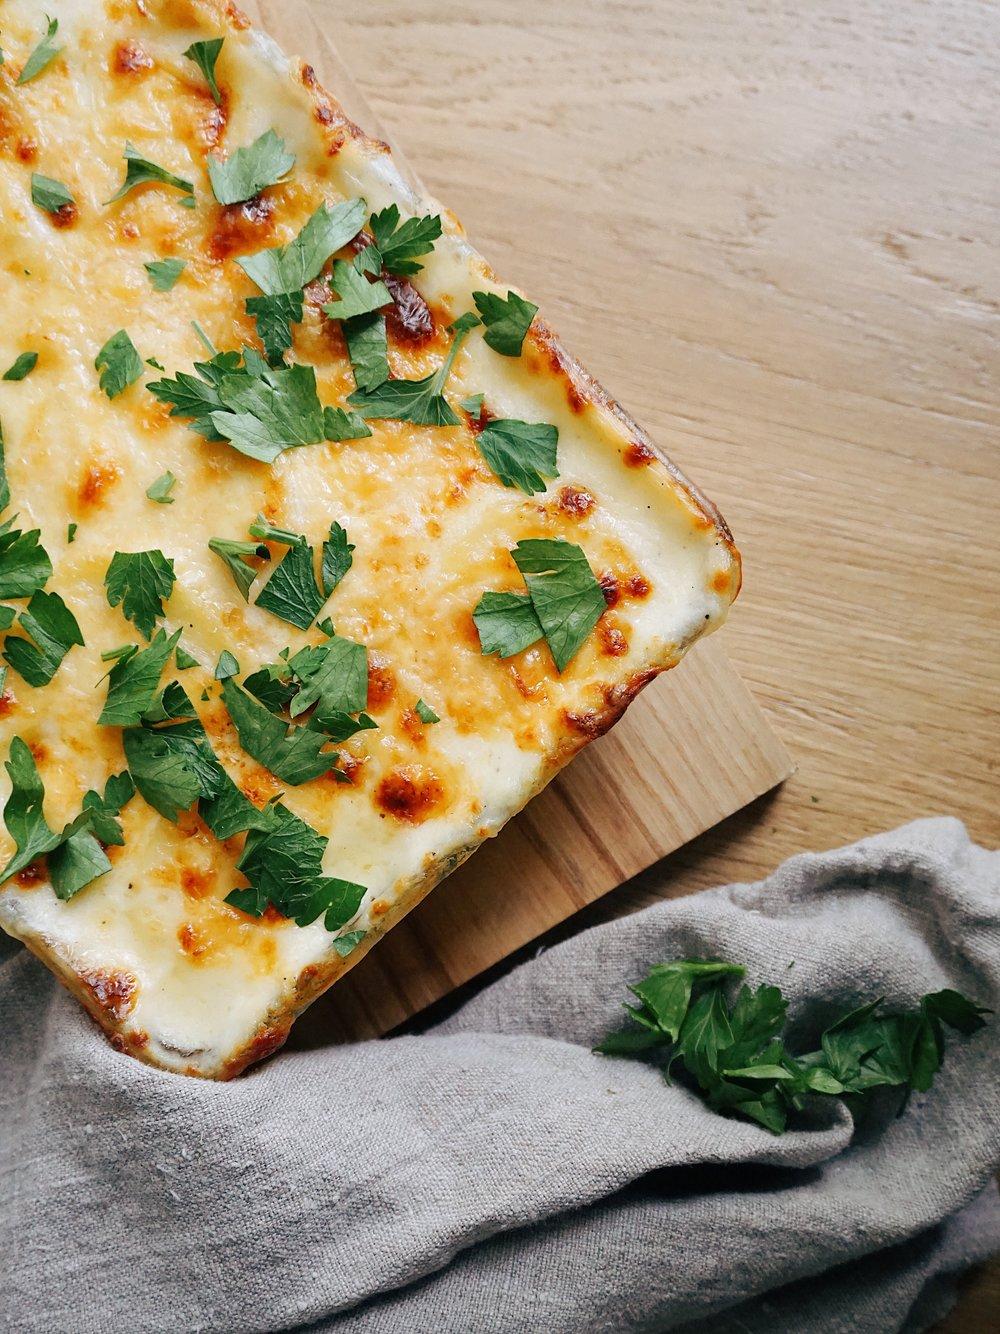 pasaulē sierīgākais kartupeļu sacepums - vienā dienā izdomāju, ka gribu pagatavot tādu kartupeļu sacepumu, kas būtu bezgalīgi sierīgs. par šitādām tēmām ilgi nevaru domāt, jo uzreiz jāķeras pie lietas. lūk, tā man sanāca.